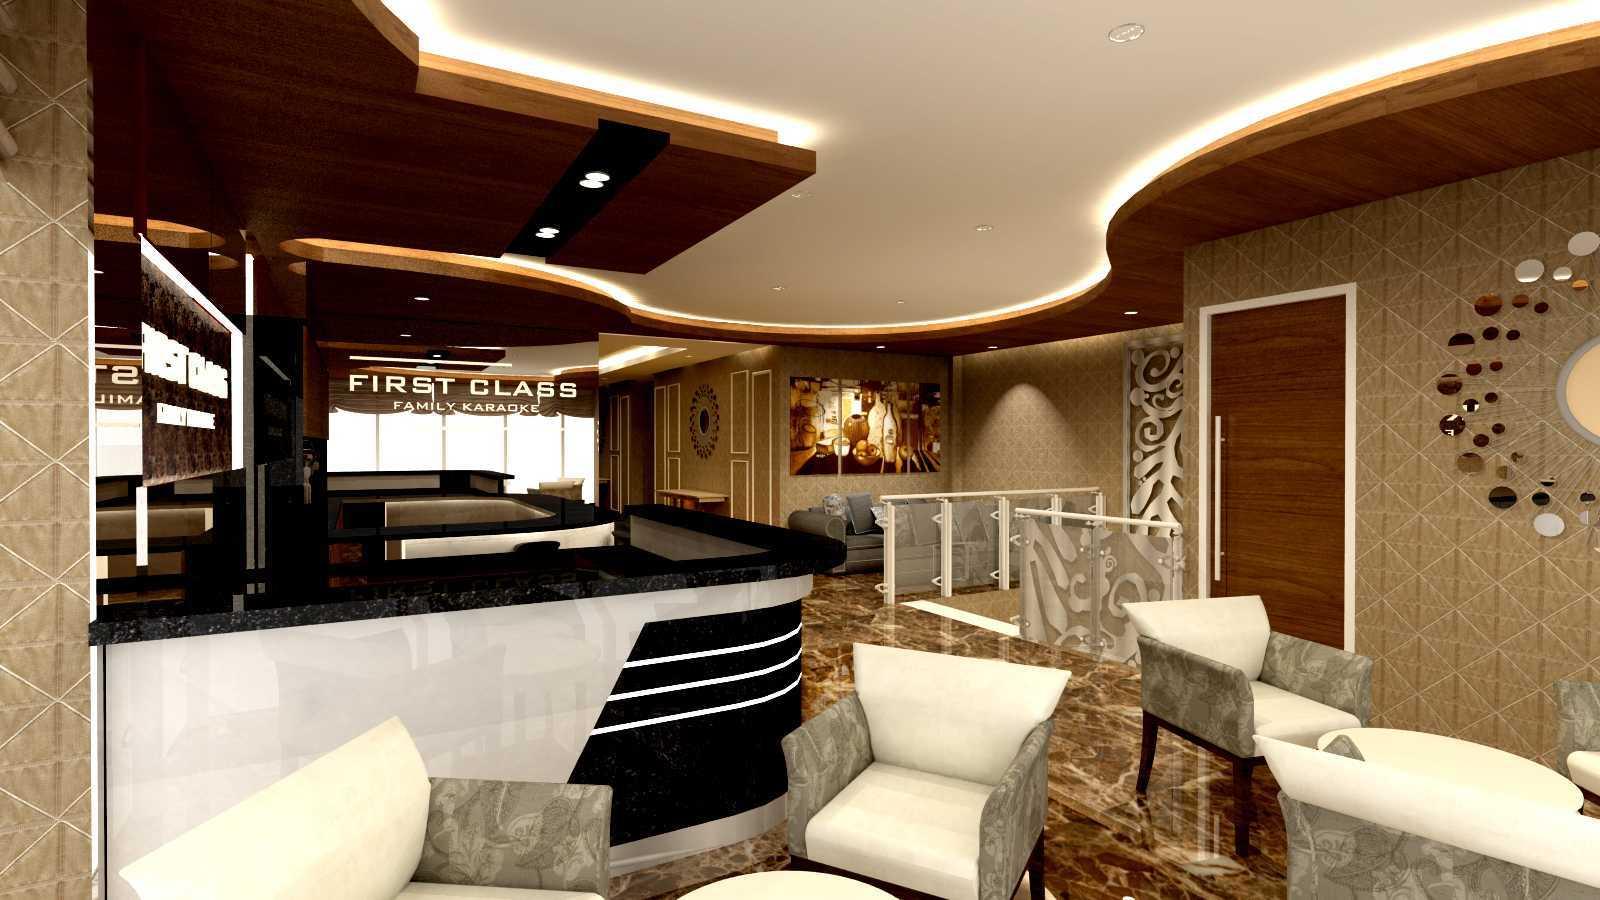 Dimas Satria Ardianda Karaoke First Class Bandung Bandung Sudut-Kaca   29503